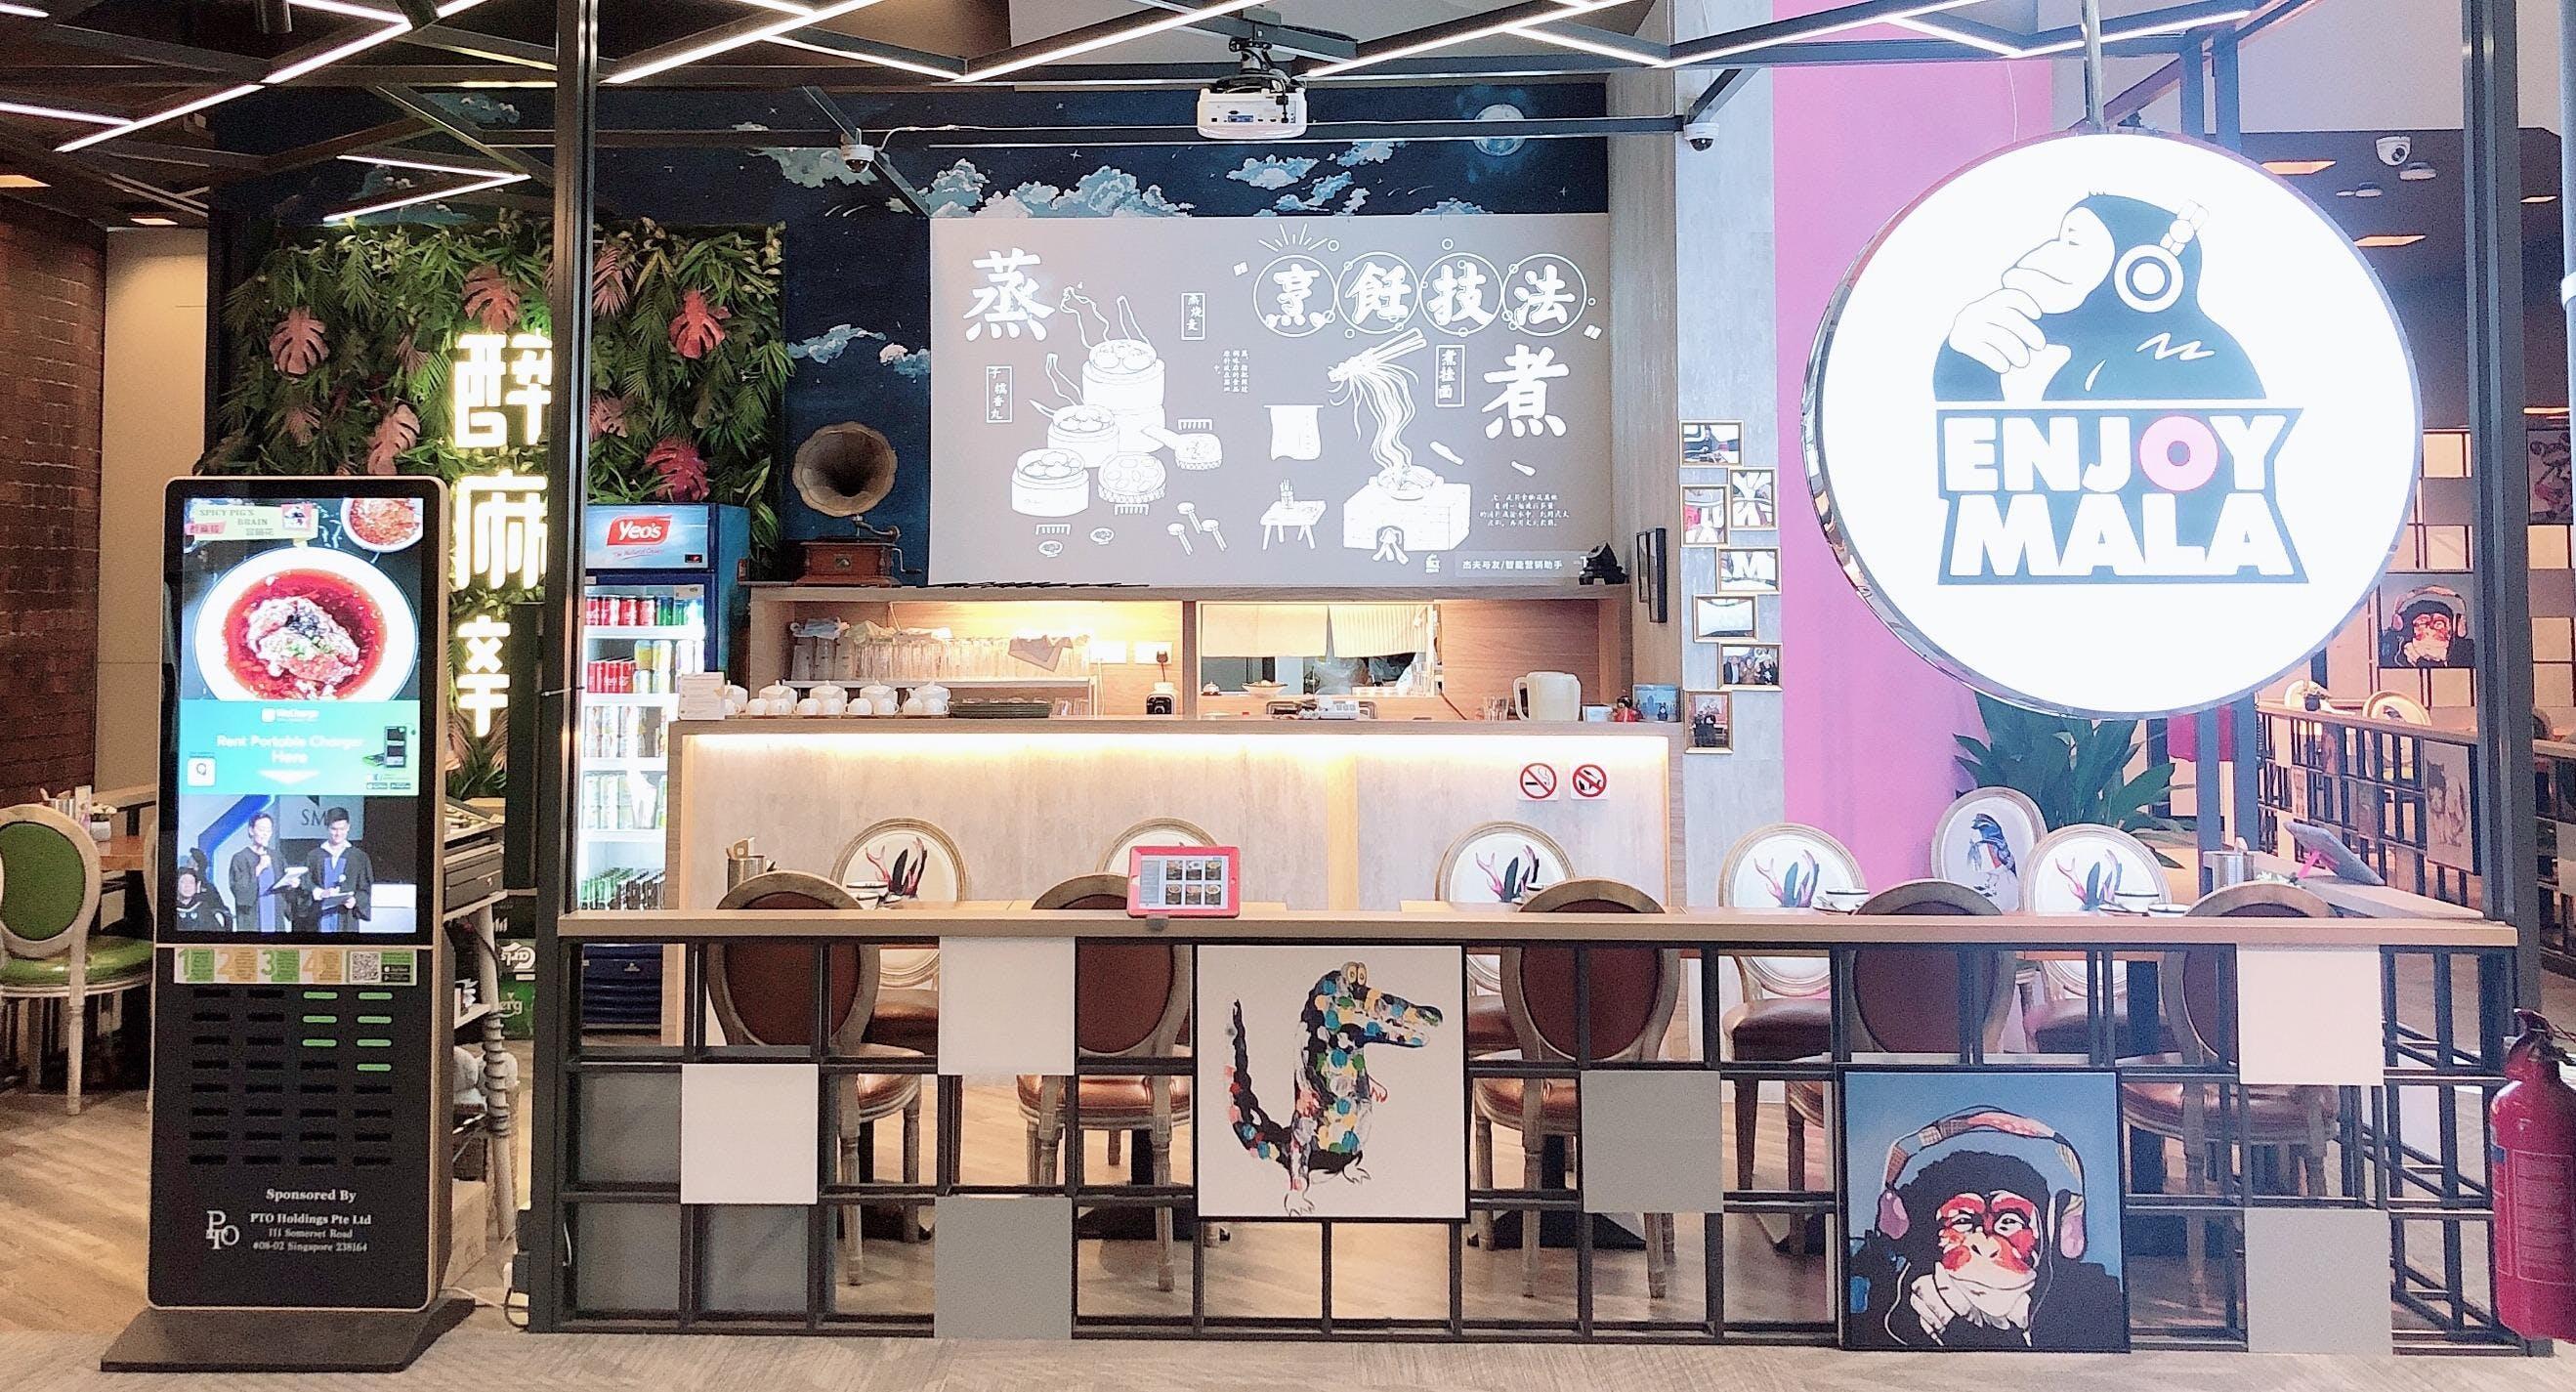 Enjoy Mala 醉麻辣 Singapore image 2